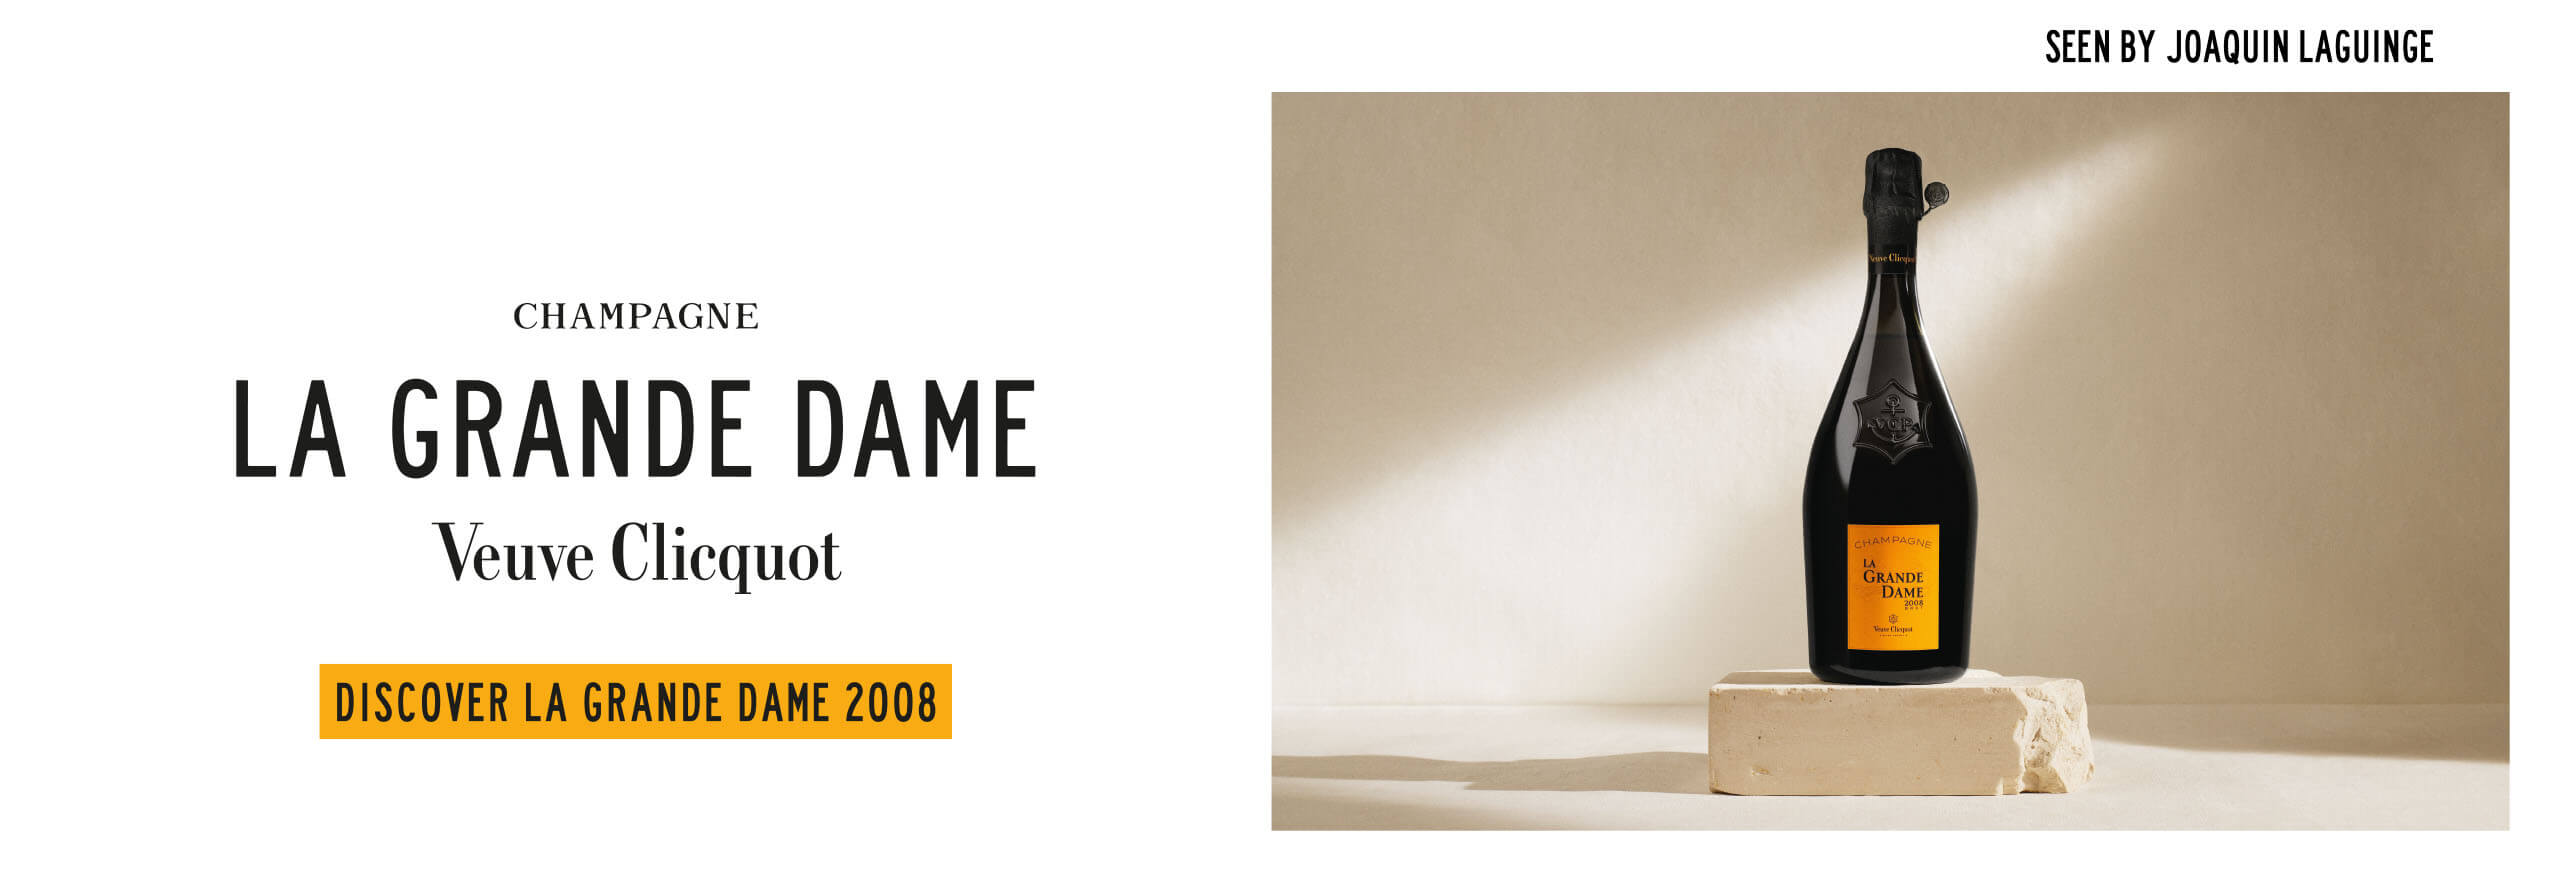 Champagne Veuve Clicquot La Grande Dame 2008